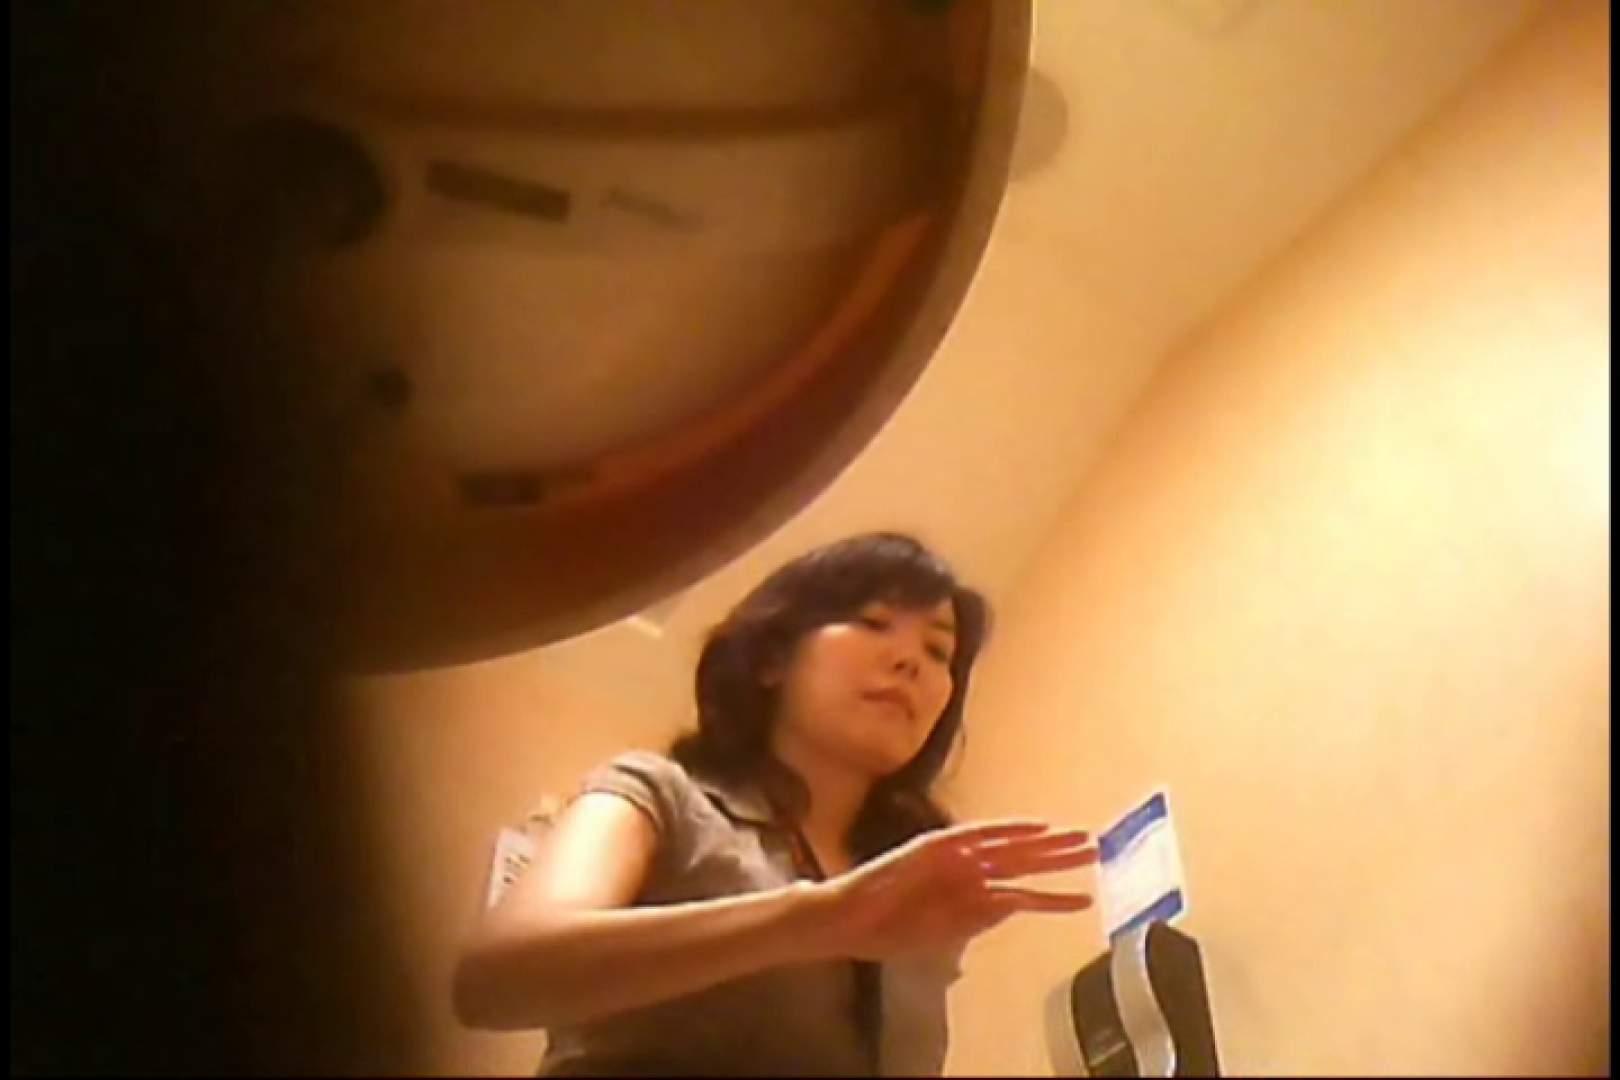 潜入!!女子化粧室盗撮~絶対見られたくない時間~vo,56 熟女のエロ生活 おまんこ無修正動画無料 109連発 94